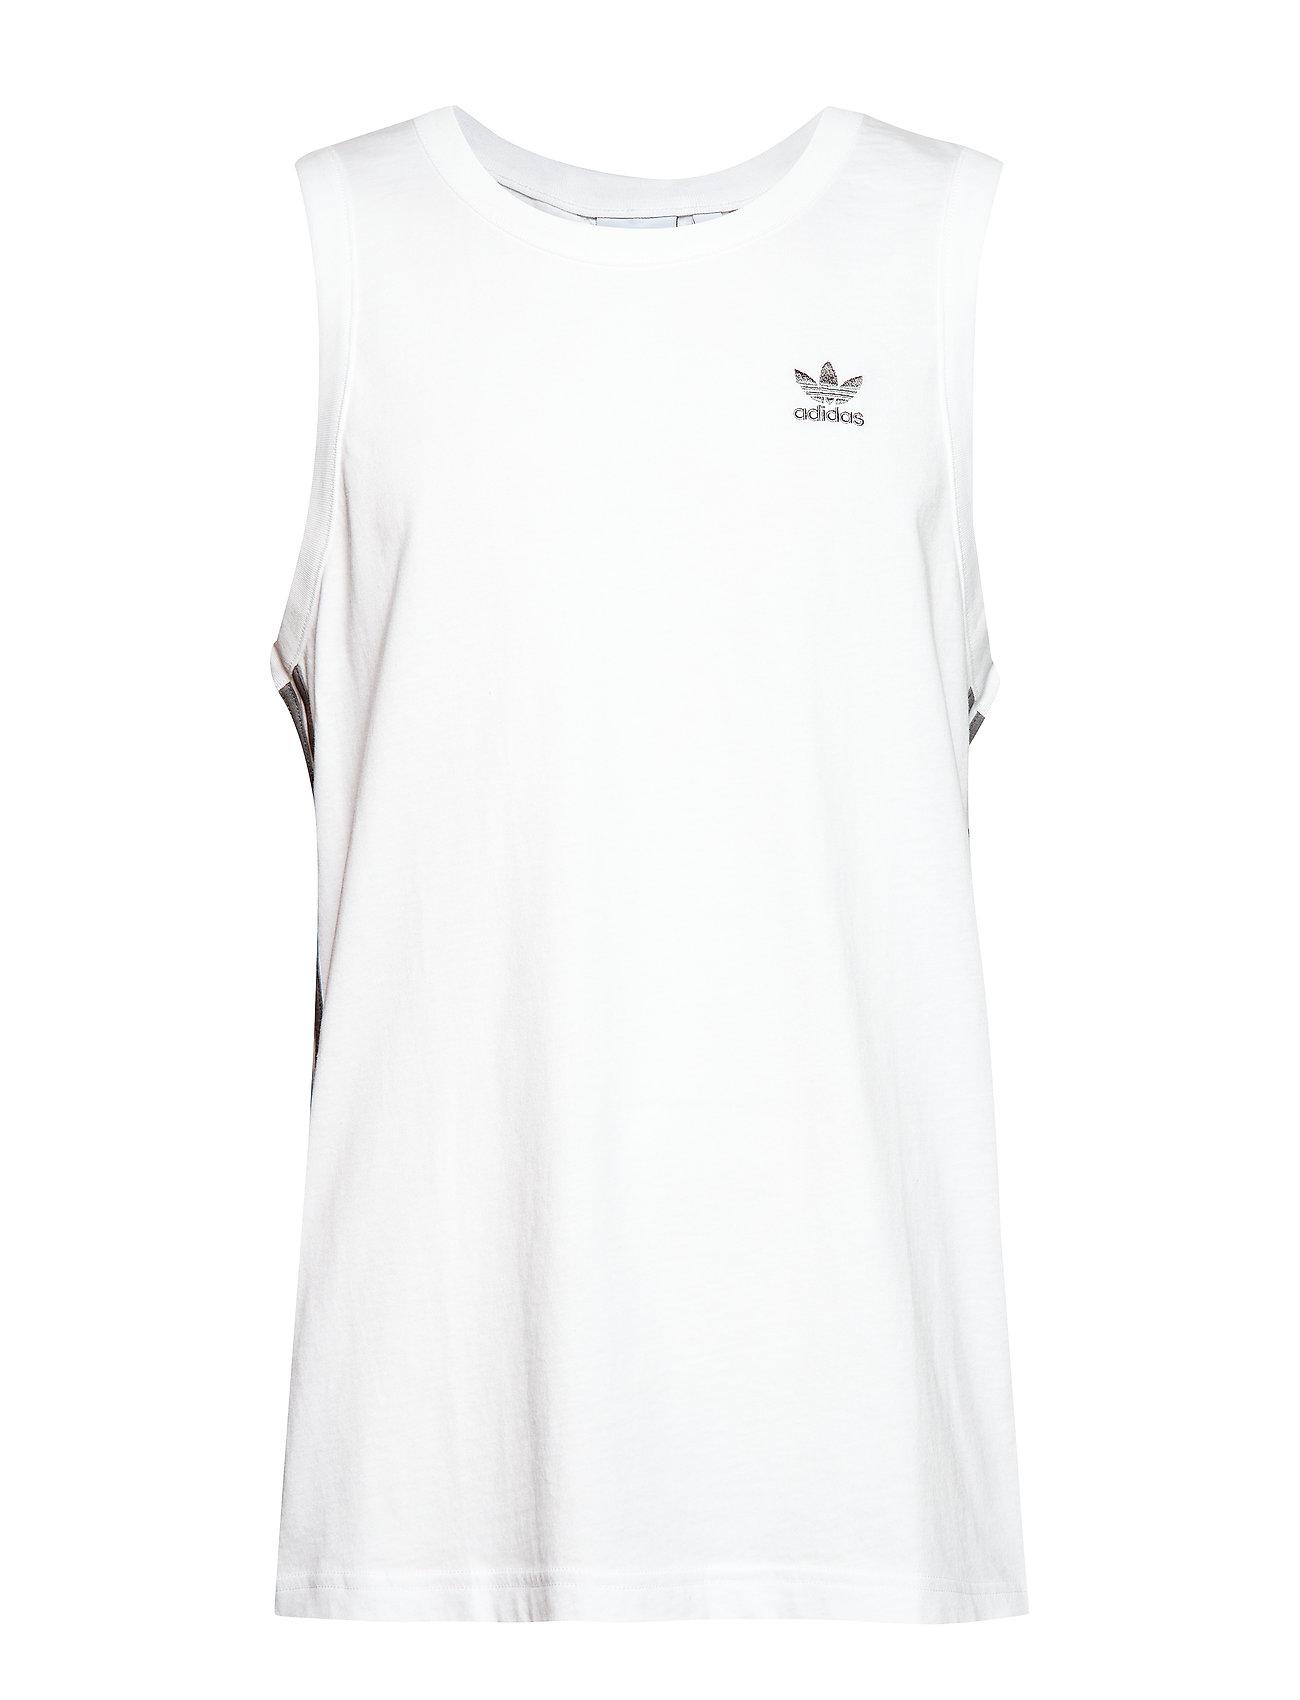 adidas Originals MONOGRAM TANK - WHITE